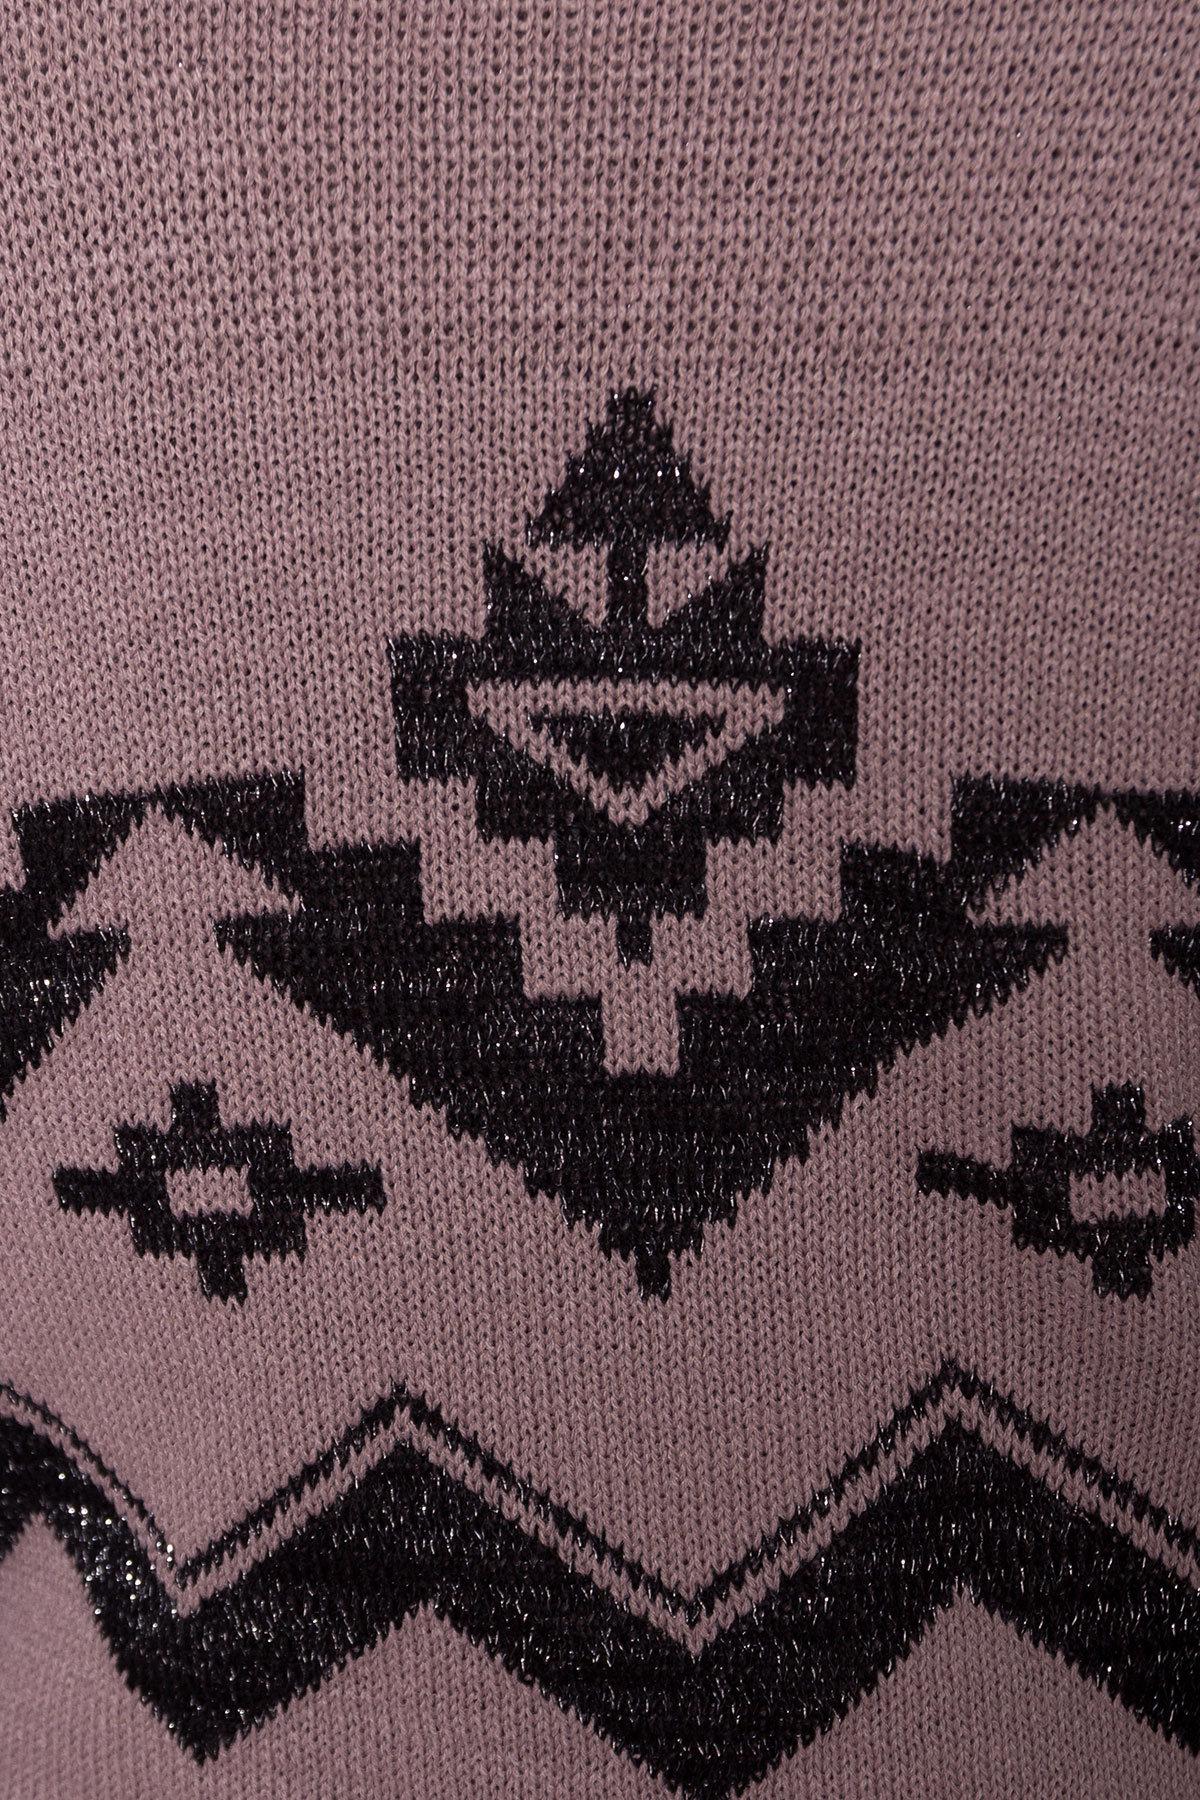 Кардиган Мелисса 4814 АРТ. 34253 Цвет: Капучино/черный - фото 3, интернет магазин tm-modus.ru